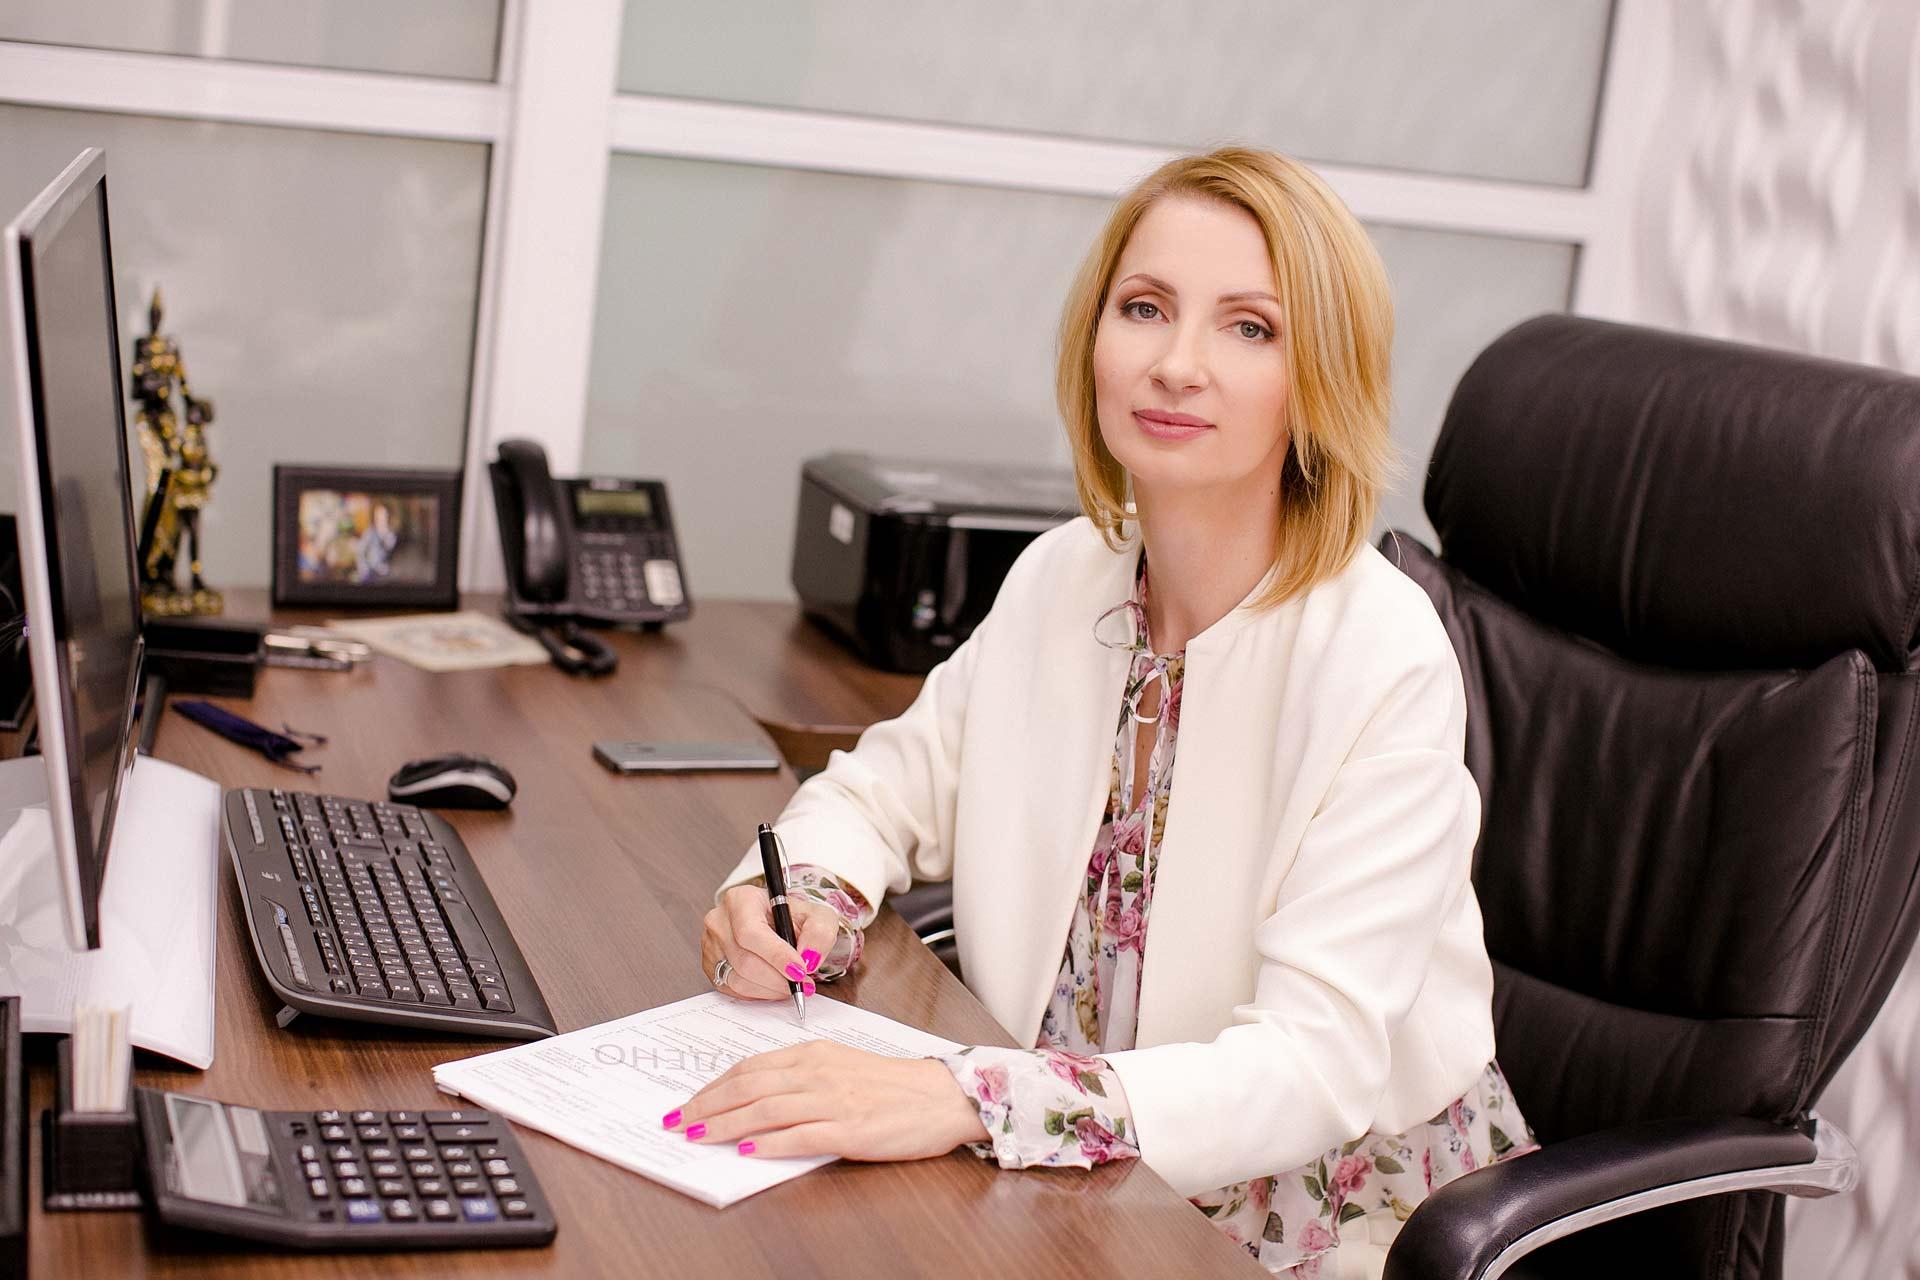 Светлана Гацакова, директор департамента корпоративных информационных систем ALP Group